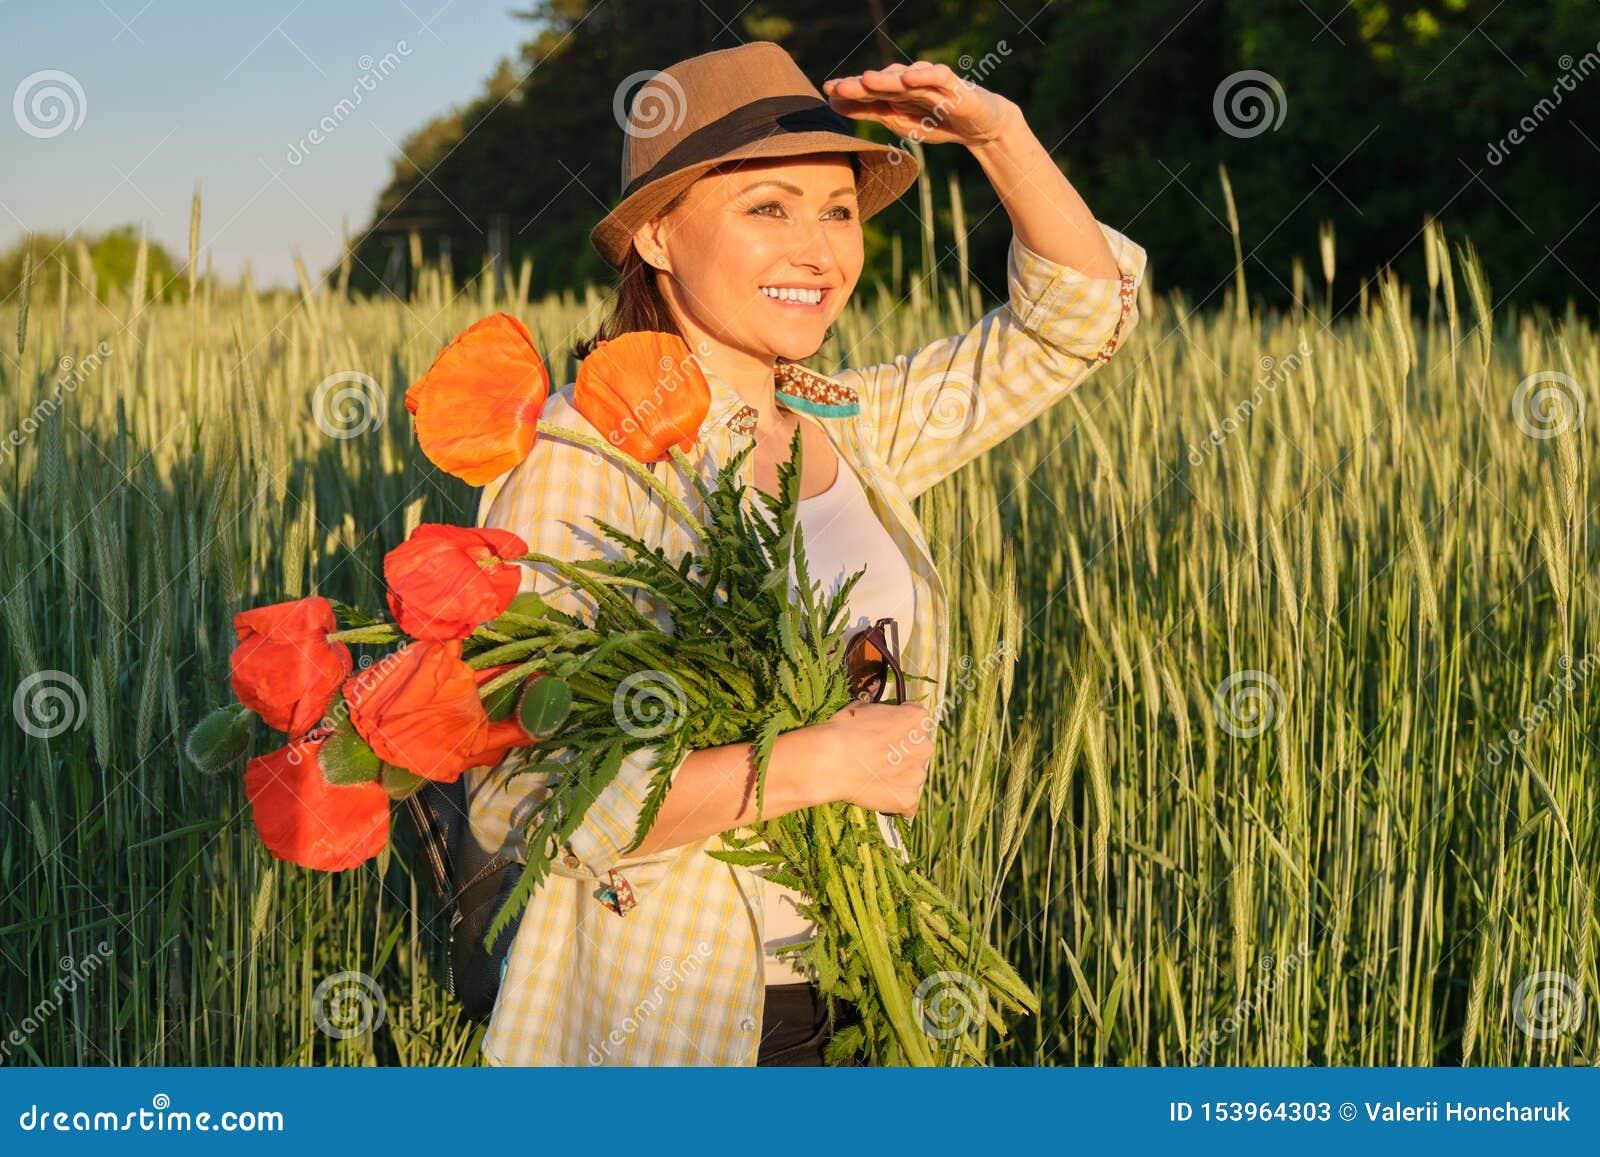 Porträt im Freien der glücklichen reifen Frau mit Blumensträußen von roten Mohnblumenblumen